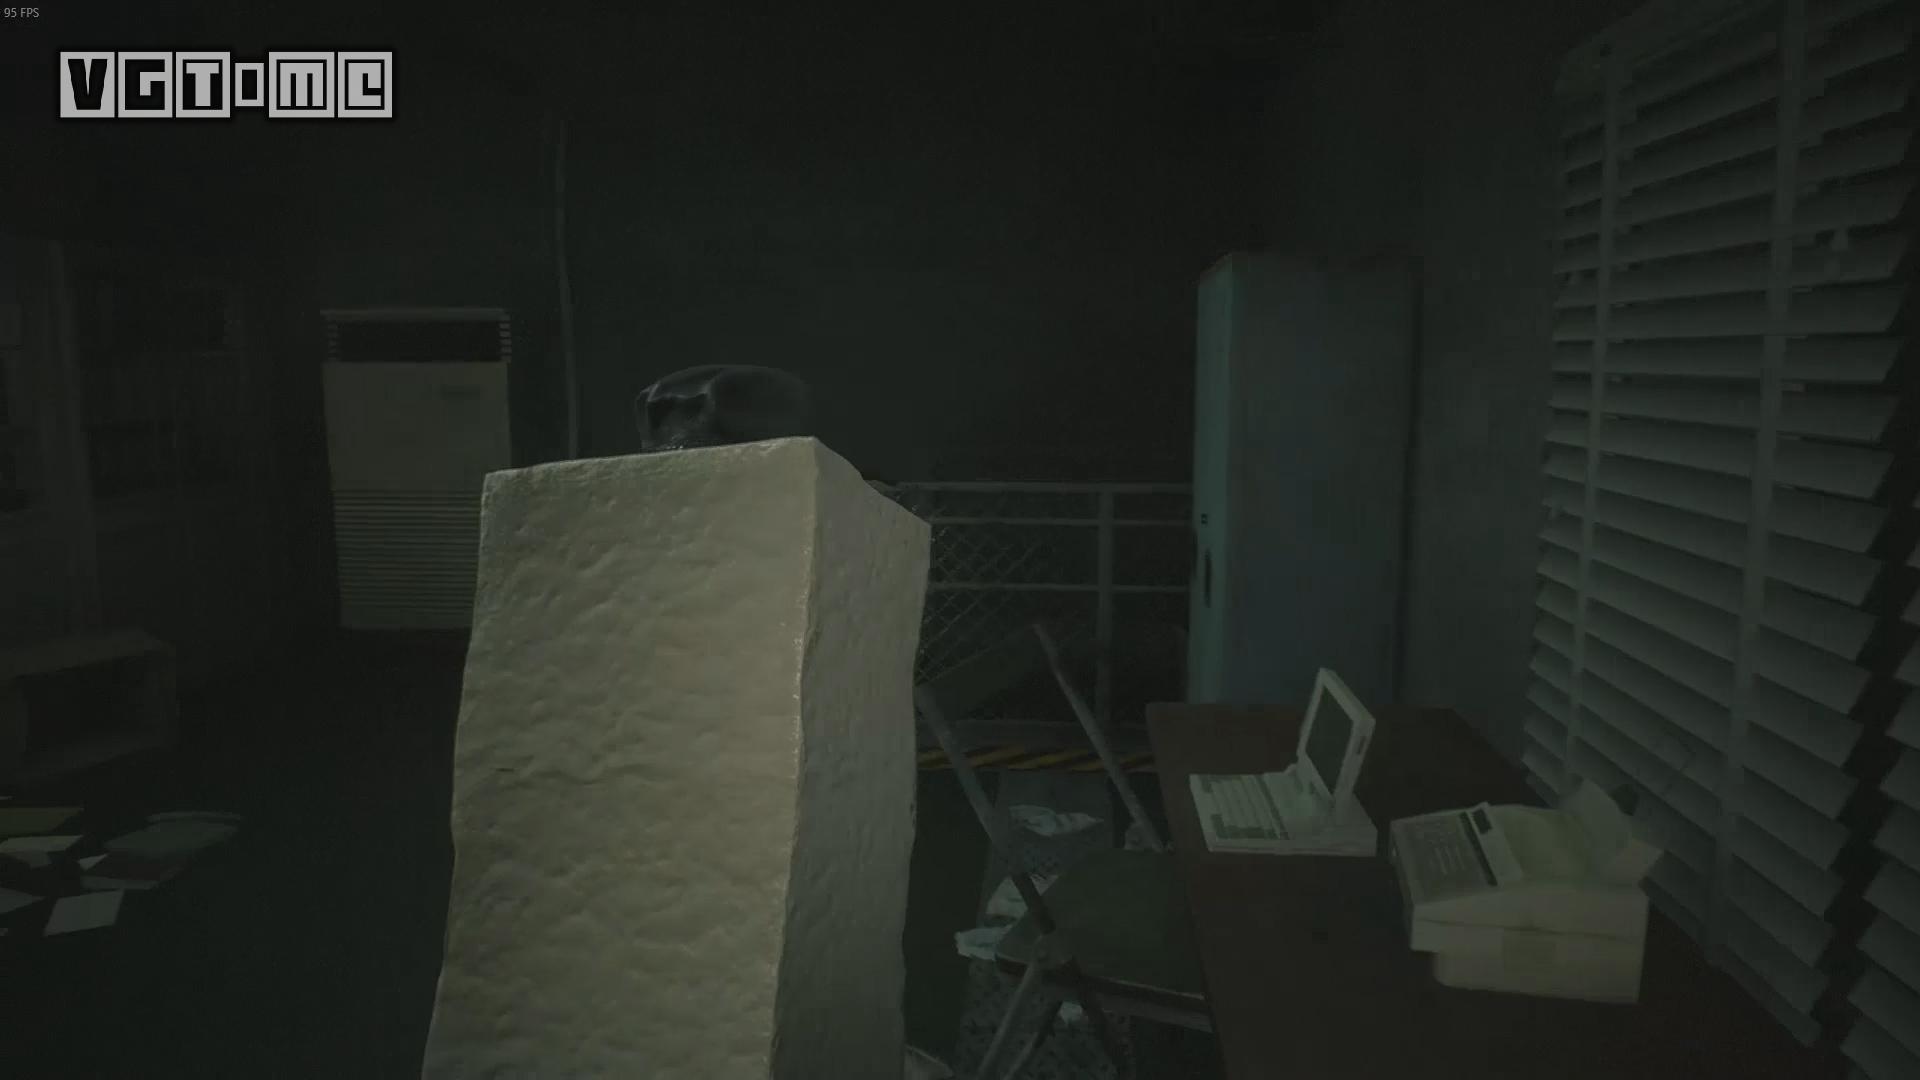 《生化危机2 重制版》最新DLC已上架PSS 可直接解锁全部奖励